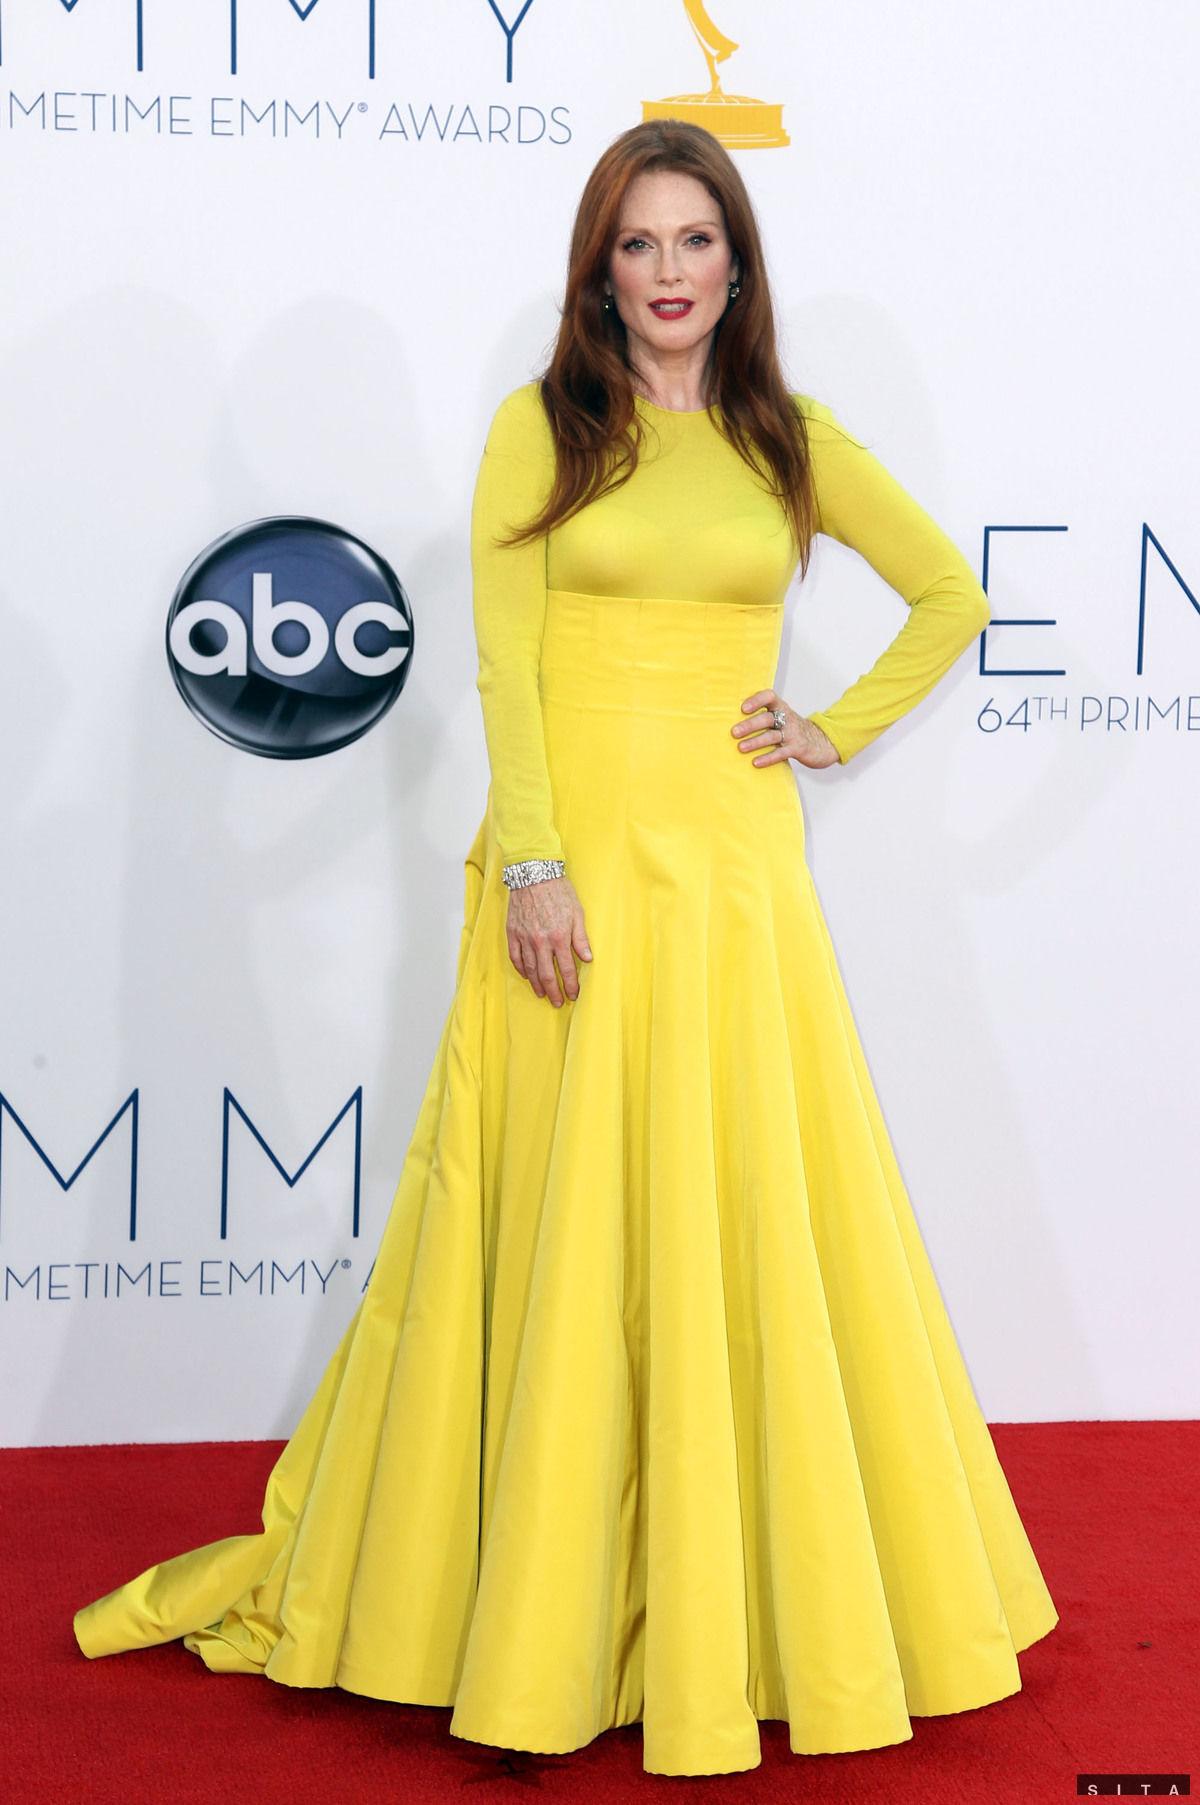 Herečka Julianne Moore si na galavečer obliekla róbu z kolekcie haute couture značky Dior.